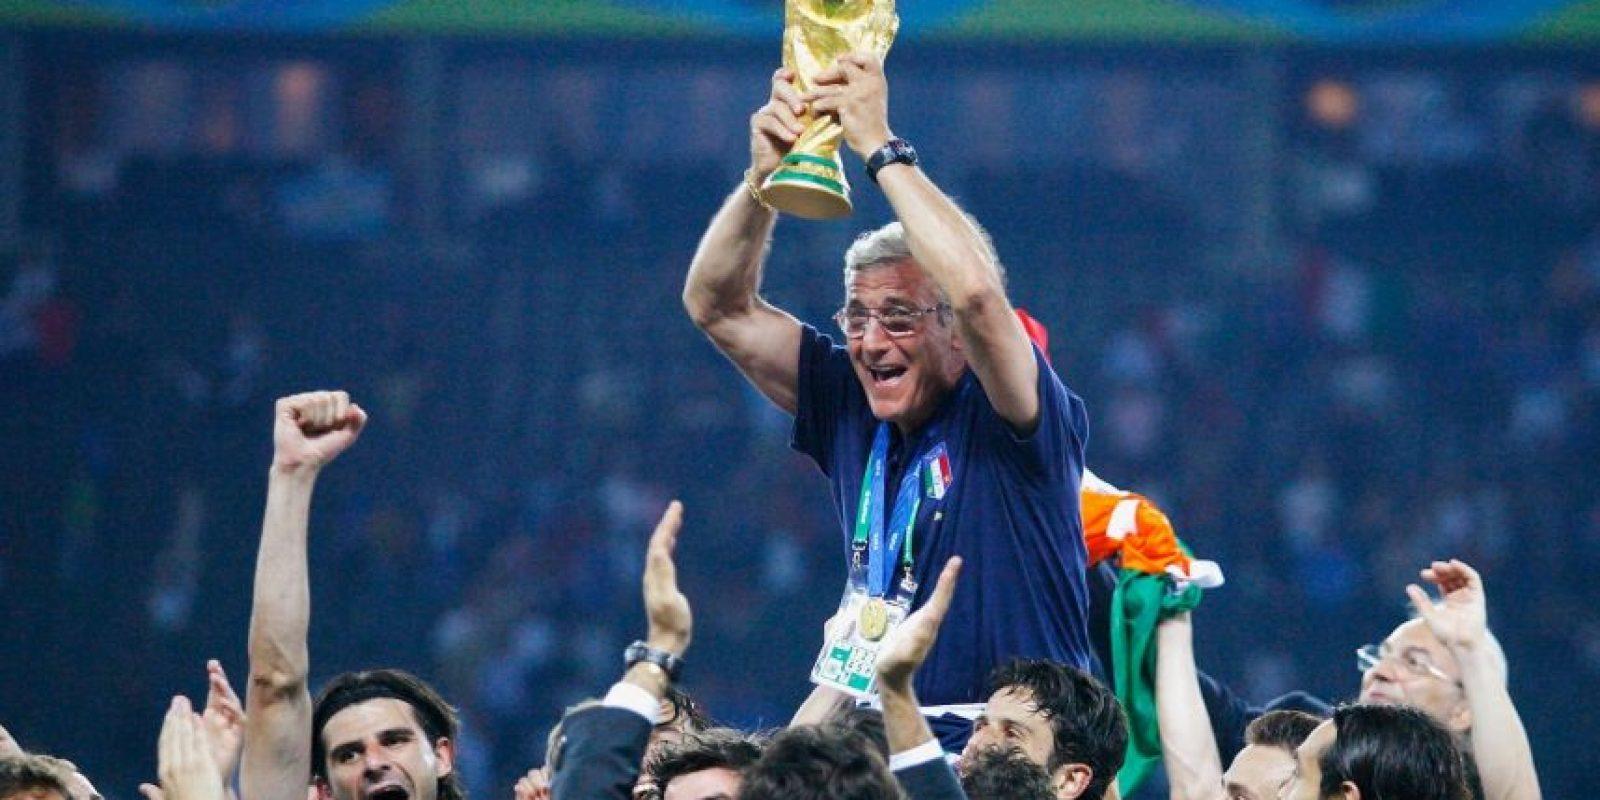 Getty Images Foto:12.-Marcello Lippi (20 títulos): Ganador del Mundial de Alemania 2006 con Italia, el actual técnico de China comenzó su carrera de éxitos en Juventus, donde ganó cinco Serie A, una Copa de Italia, cuatro Supercopa de Italia, una Champions League, una Supercopa de Europa y una Copa Intercontinental.